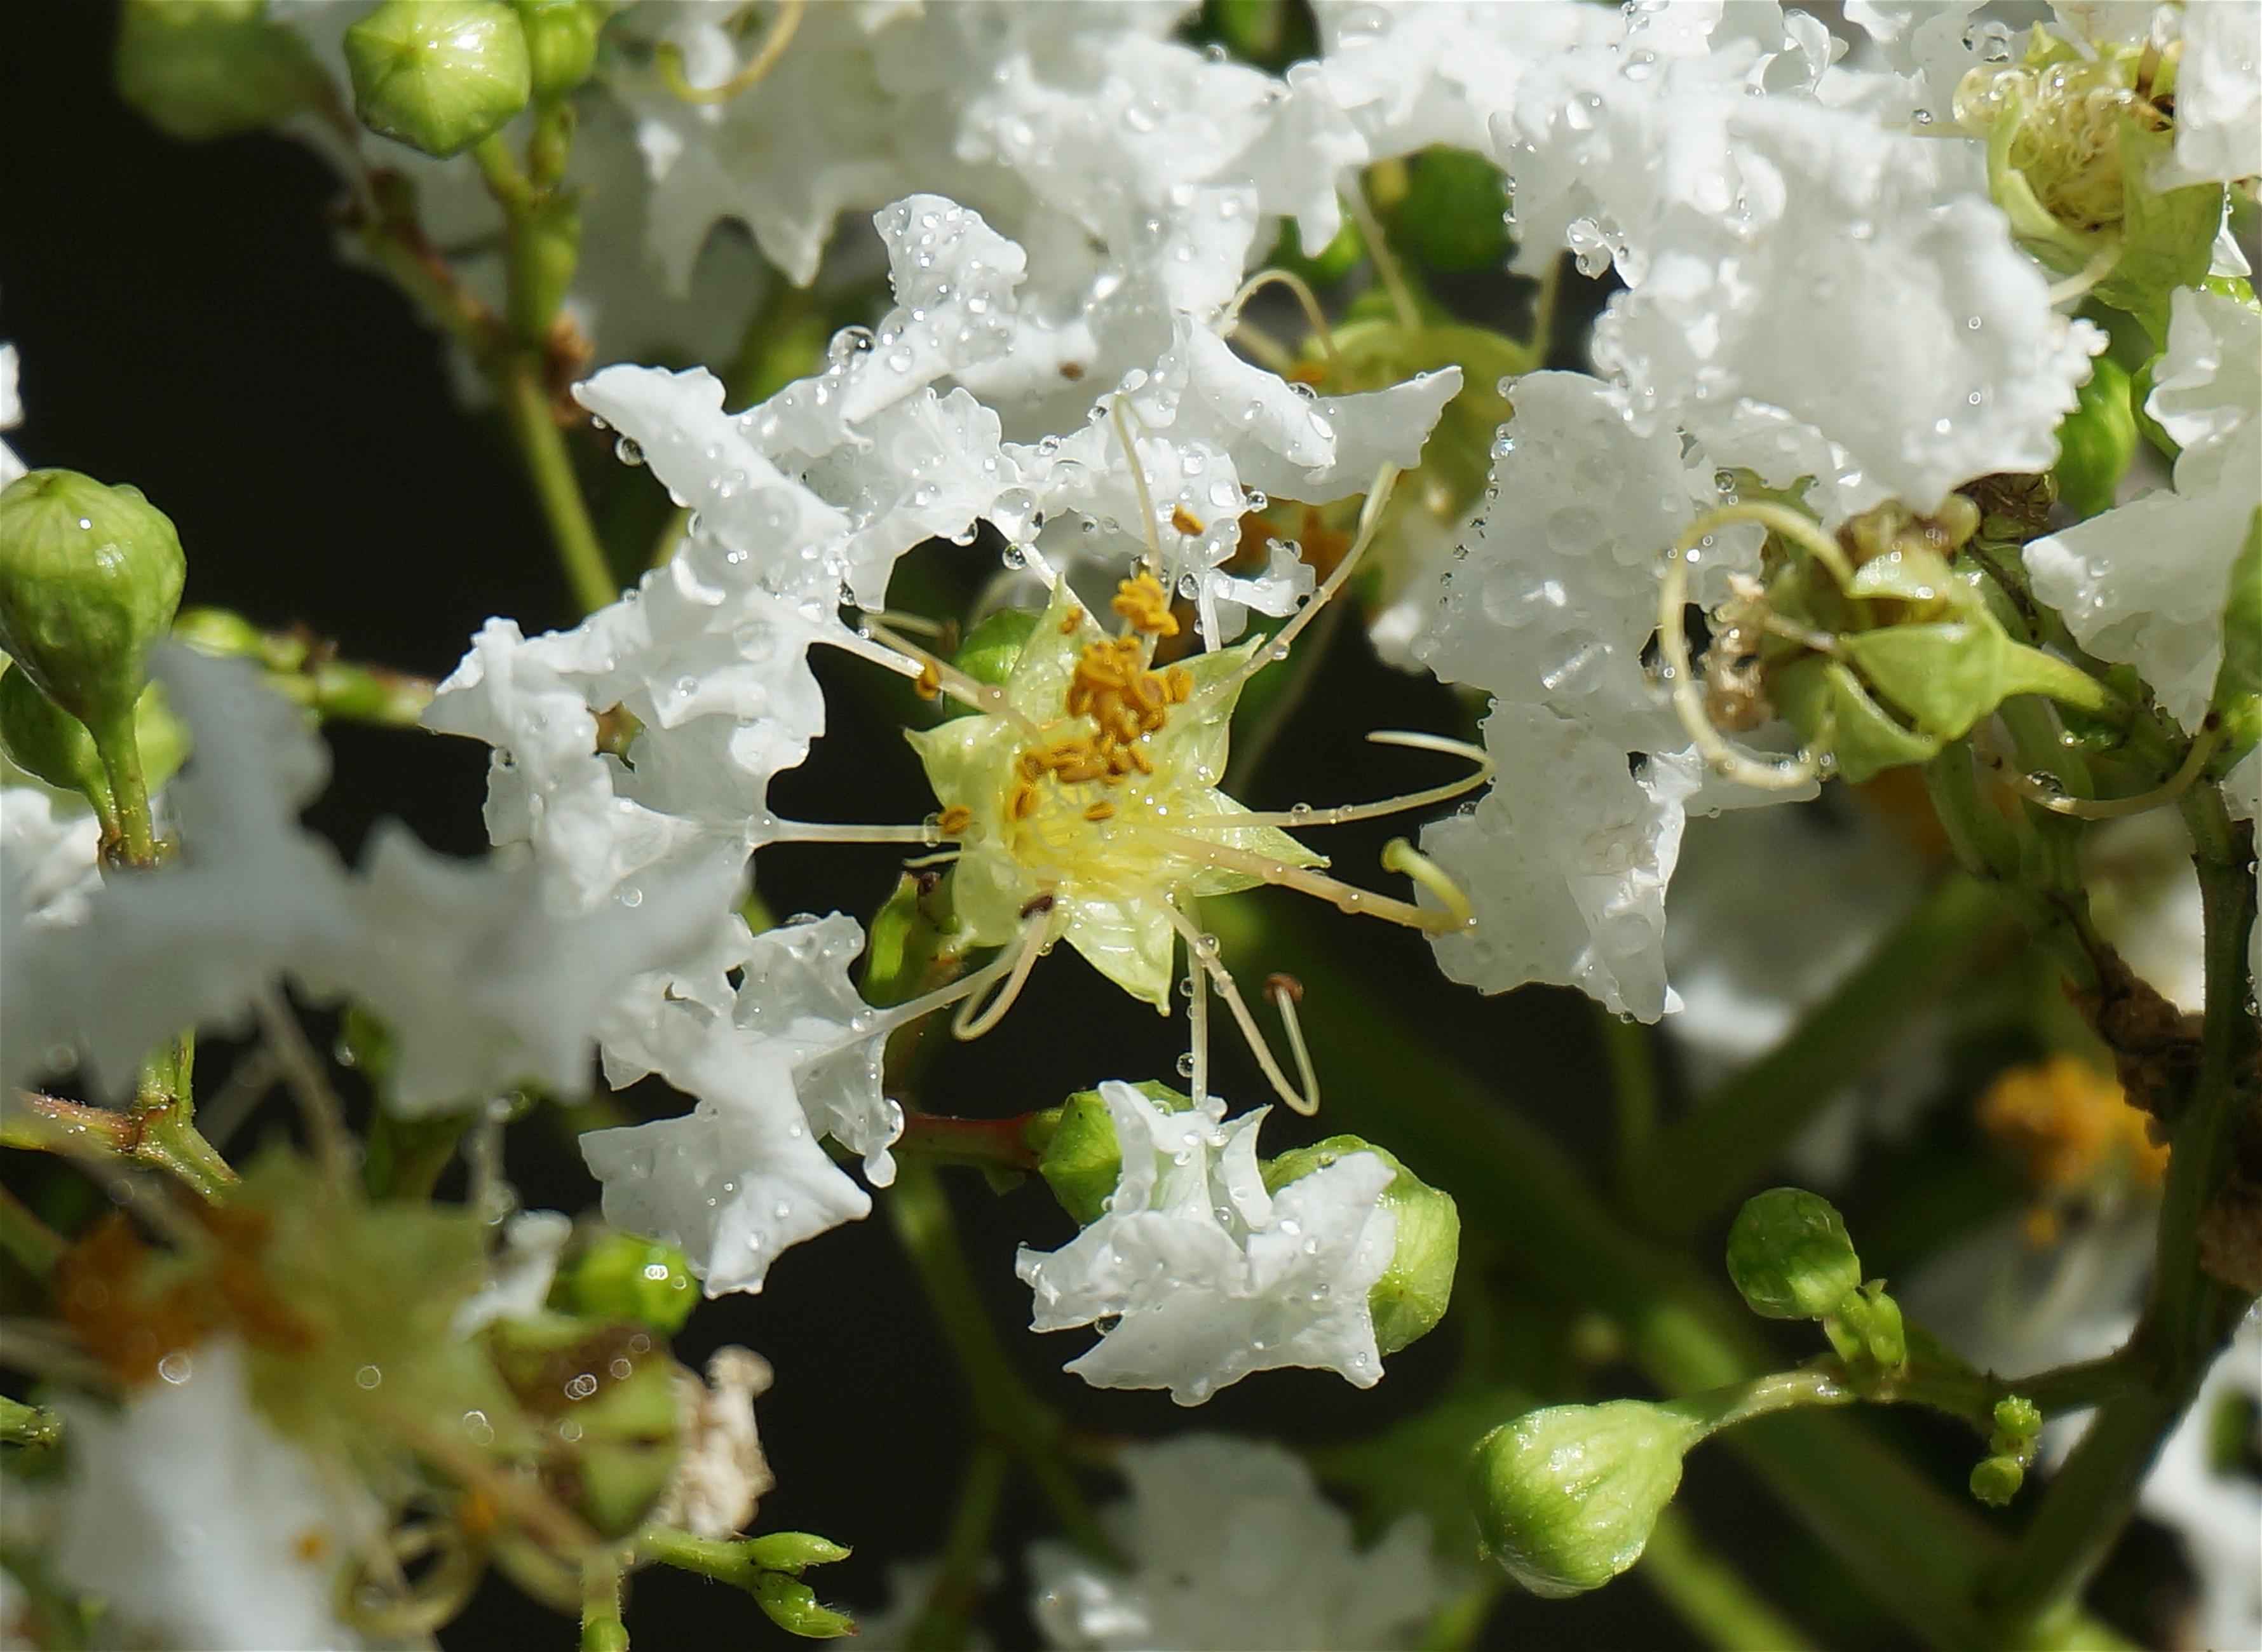 banco de imagens rvore natureza ramo flor plantar branco folha flor vero comida verde produzir botnica jardim flora flores silvestres